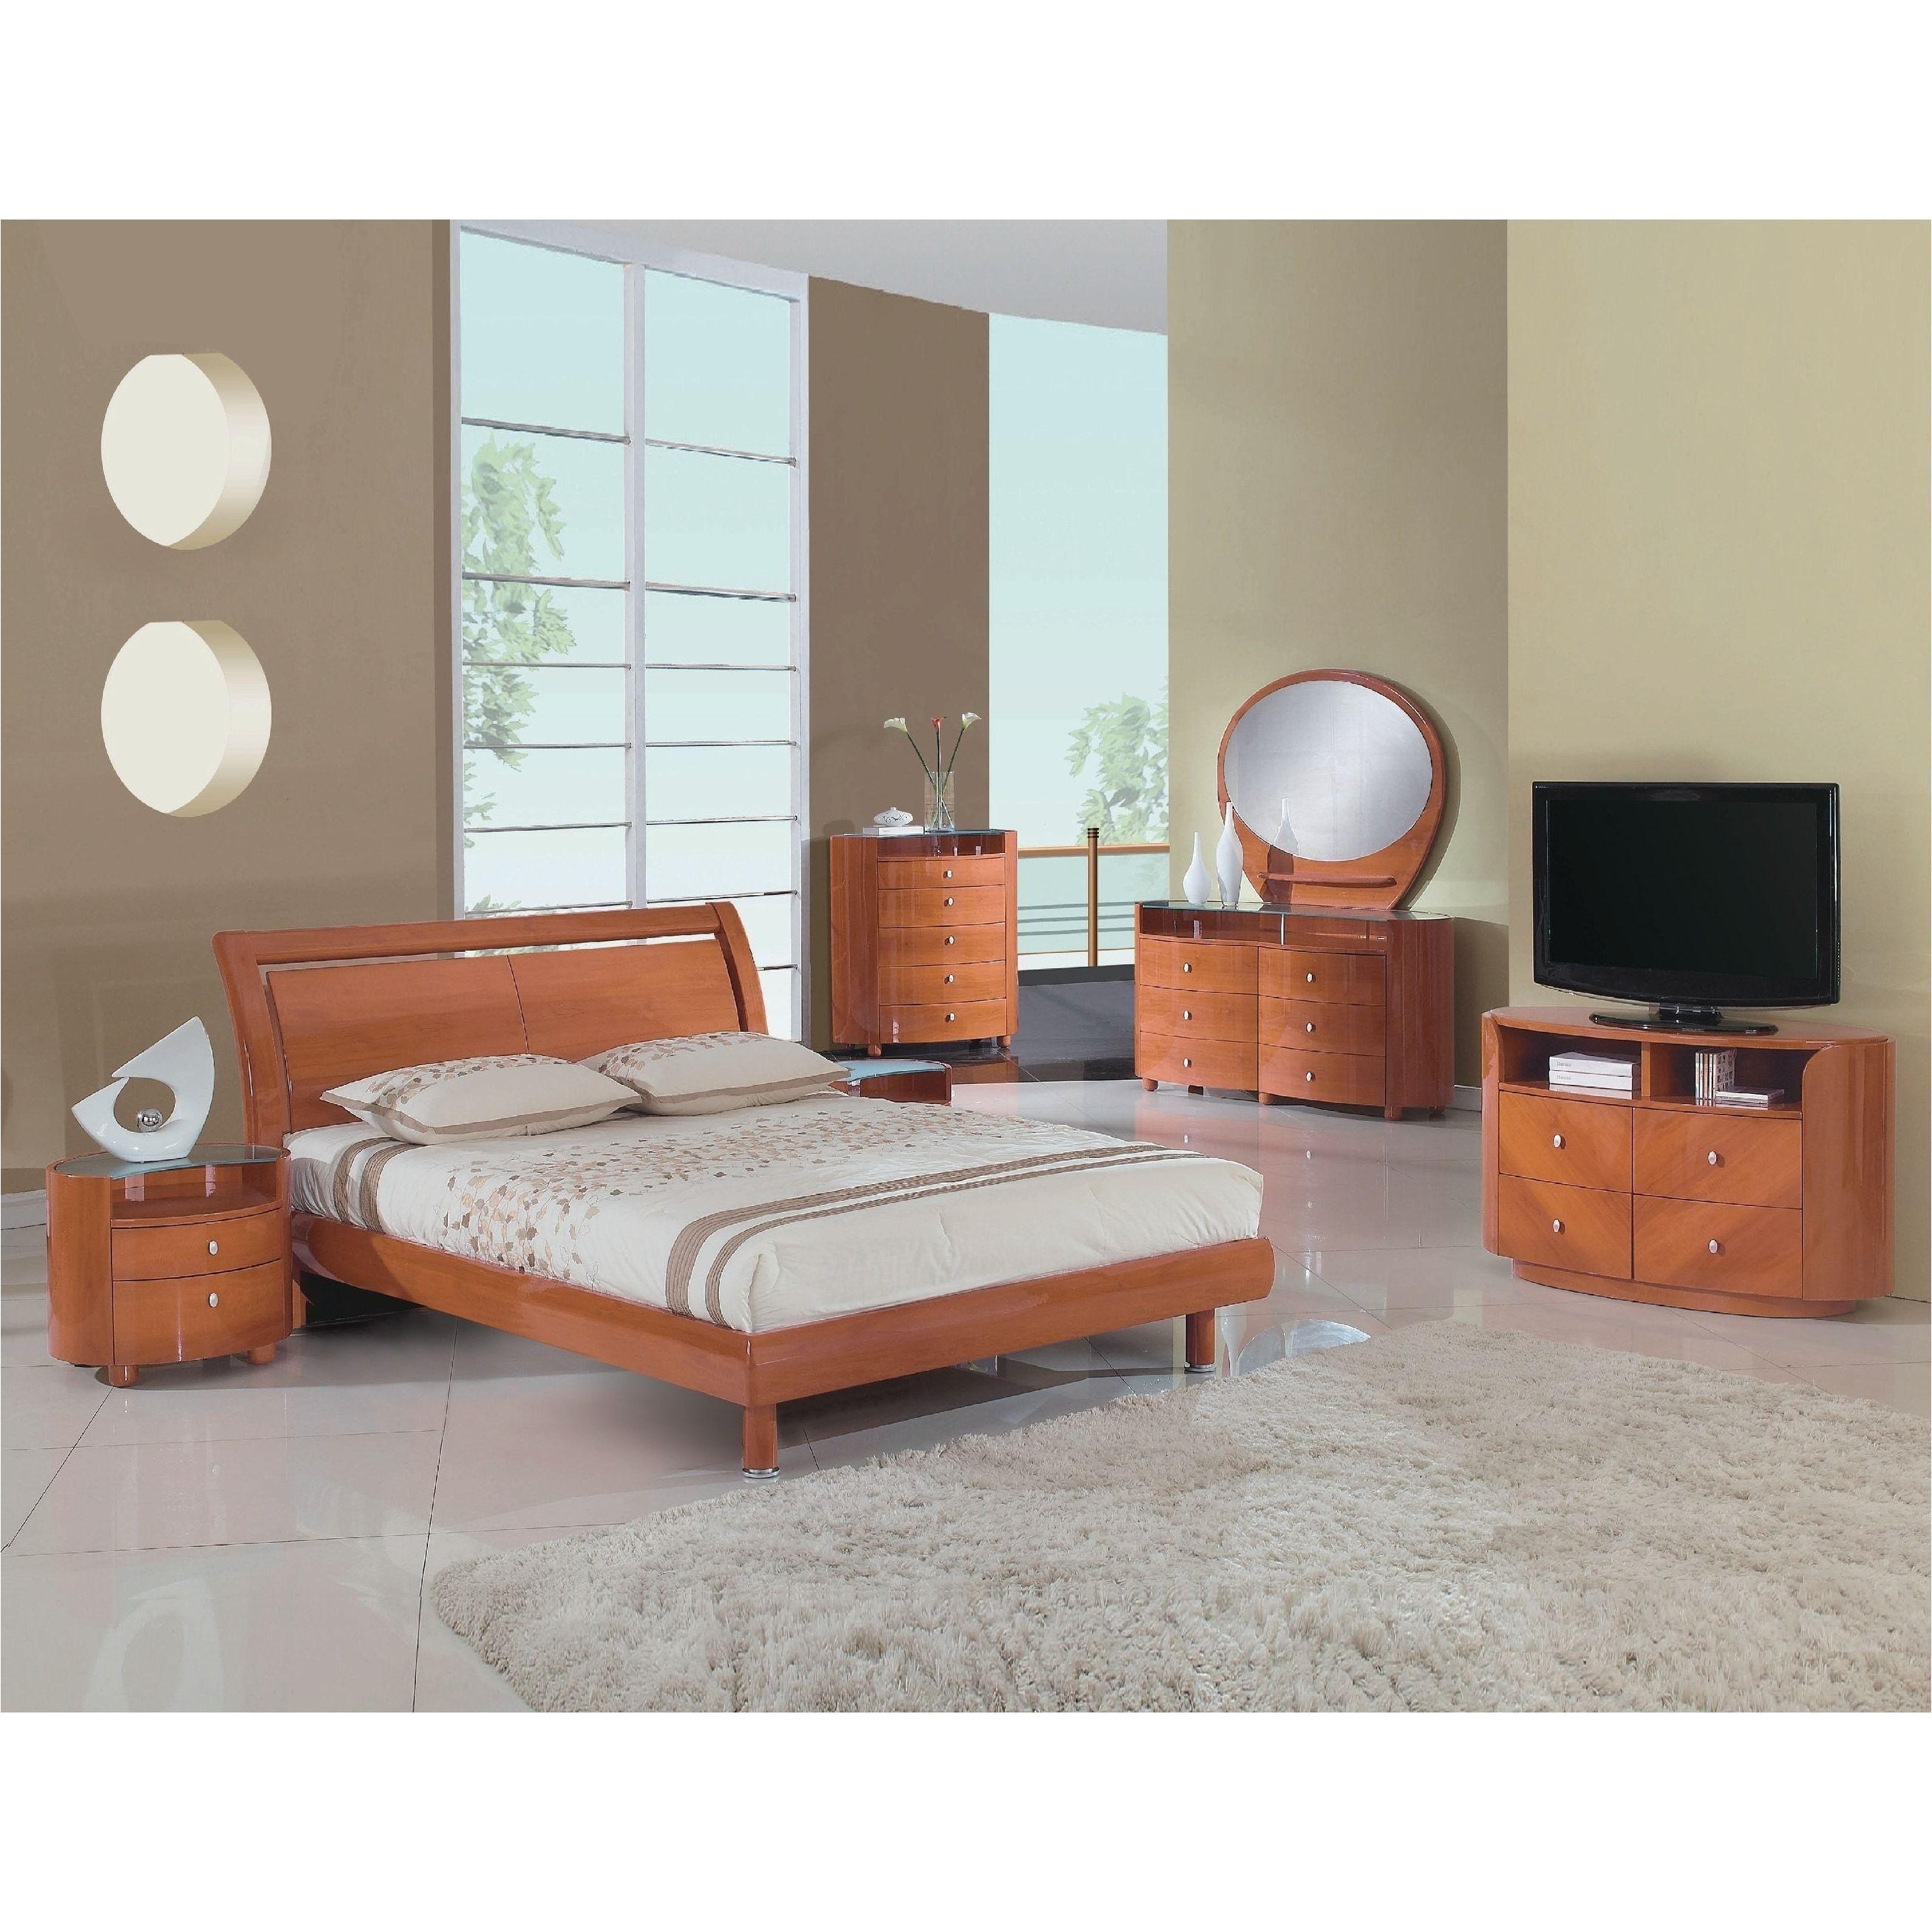 King Bedroom Sets Cheap King Bedroom Sets Elegant King Bedroom Set Beautiful Brown Bedroom